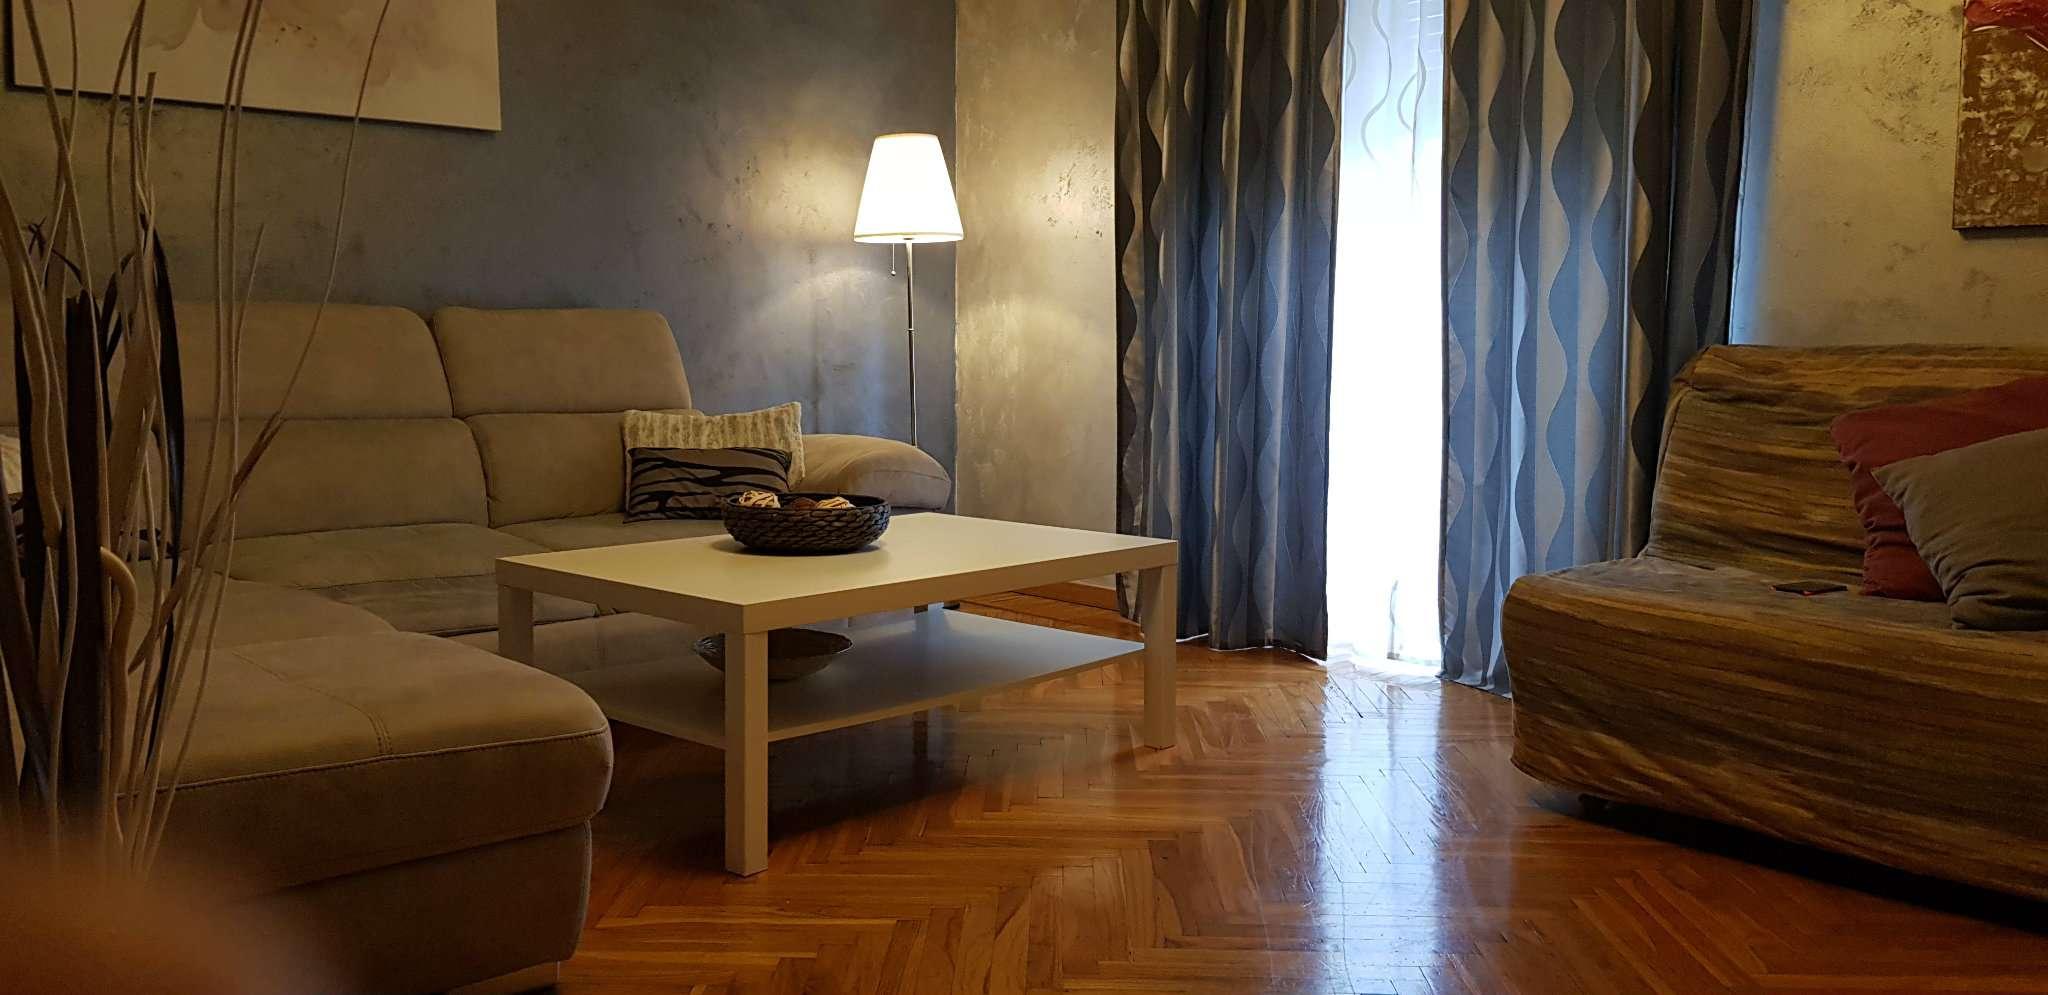 Vendita - Appartamento - Torino - PARELLA VIA CARRERA TRILOCALE EURO 115.000